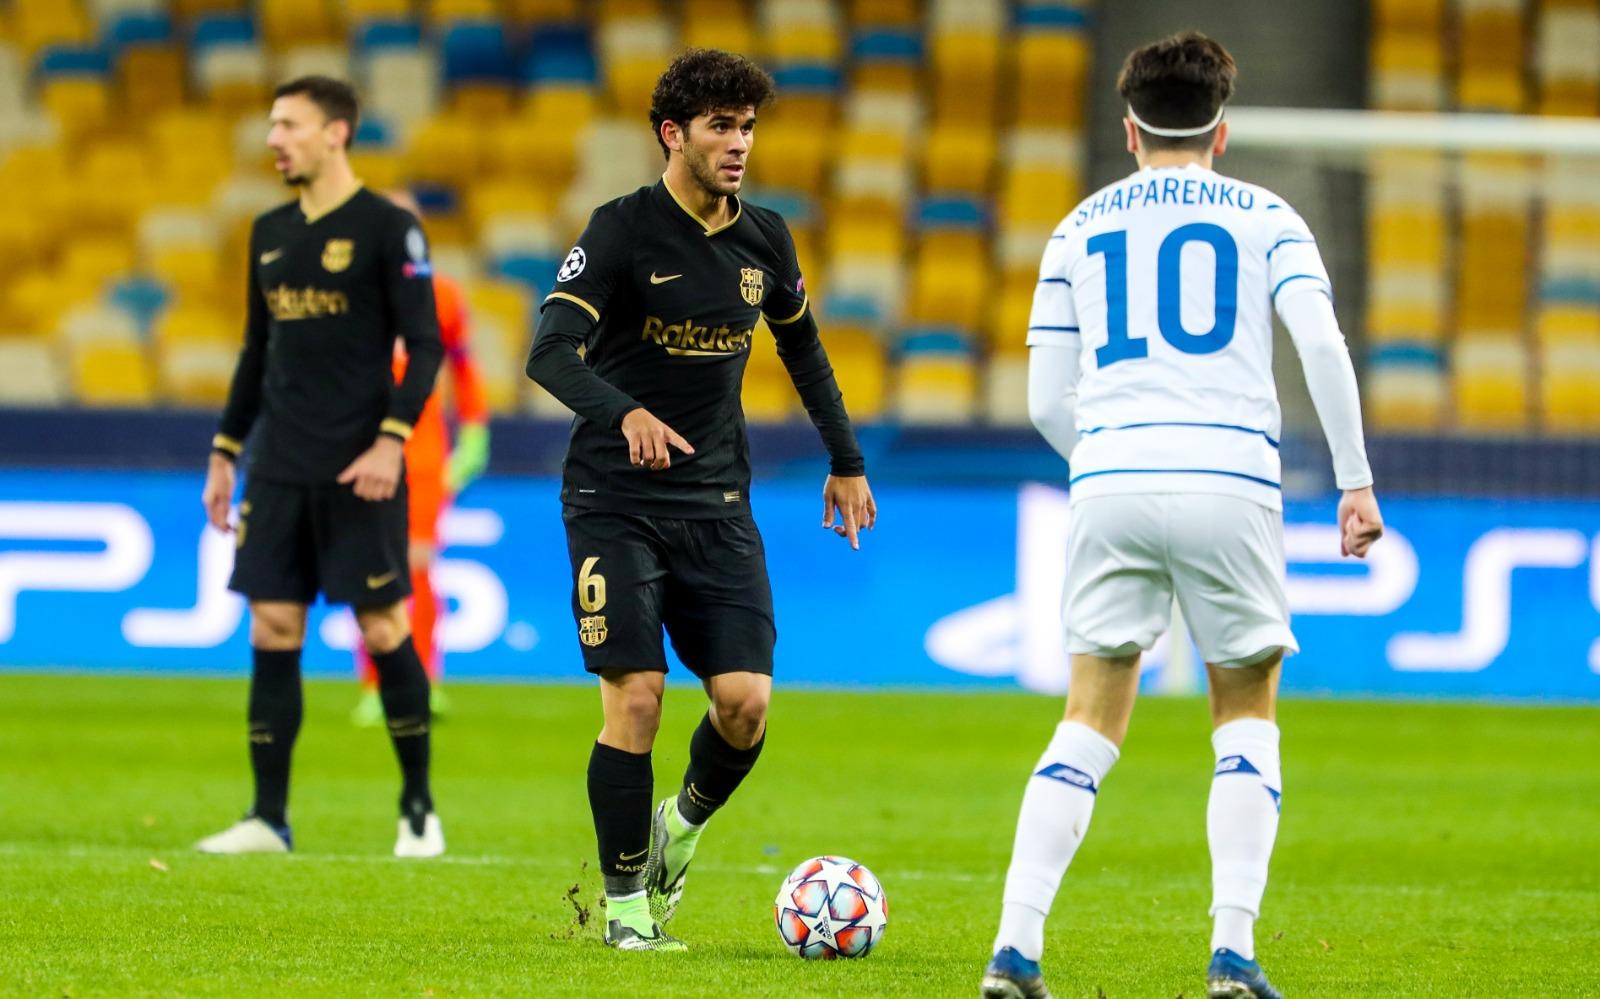 برشلونة يضرب دينامو كييف برباعية نظيفة ويتأهل رسميا إلى ثمن نهائي دوري الأبطال